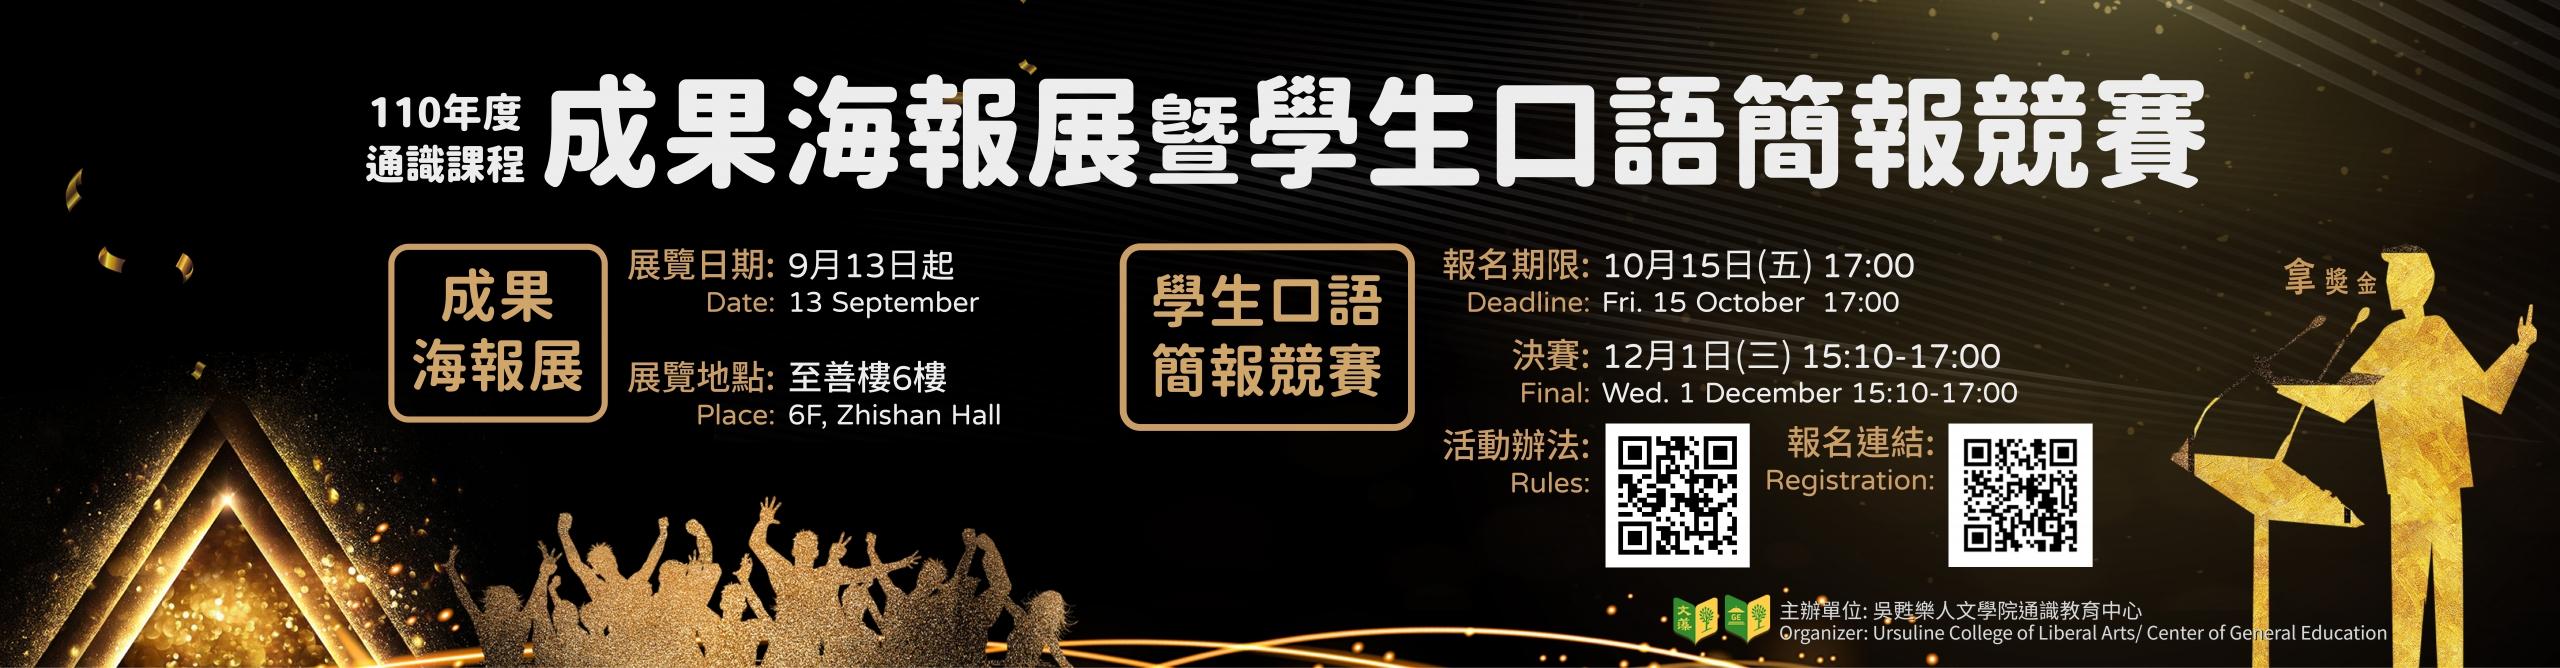 110年成果海報展暨學生口語簡報競賽(另開新視窗)